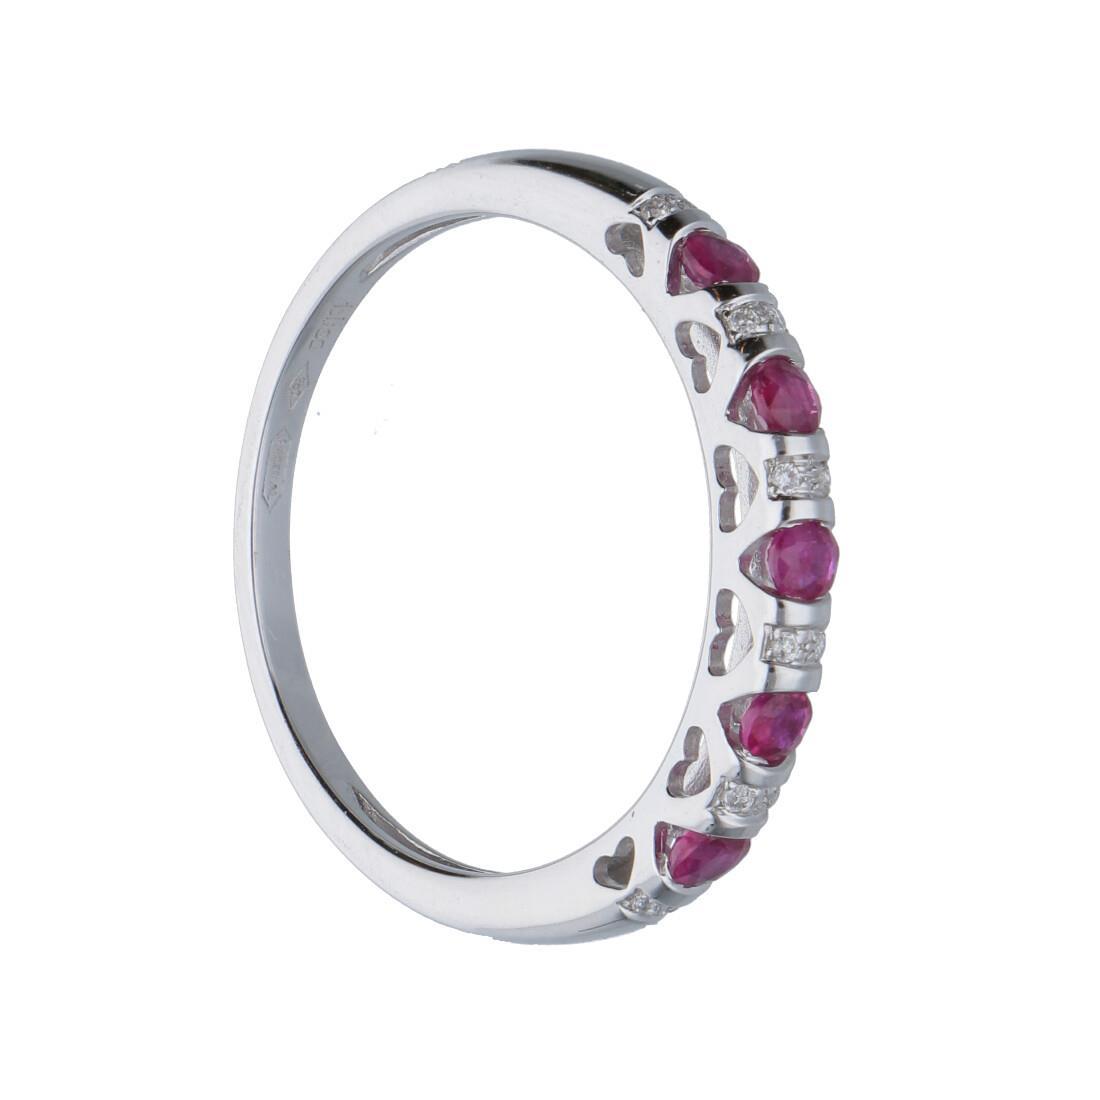 Anello in oro bianco con diamanti e rubini ct. 0,37 - BLISS